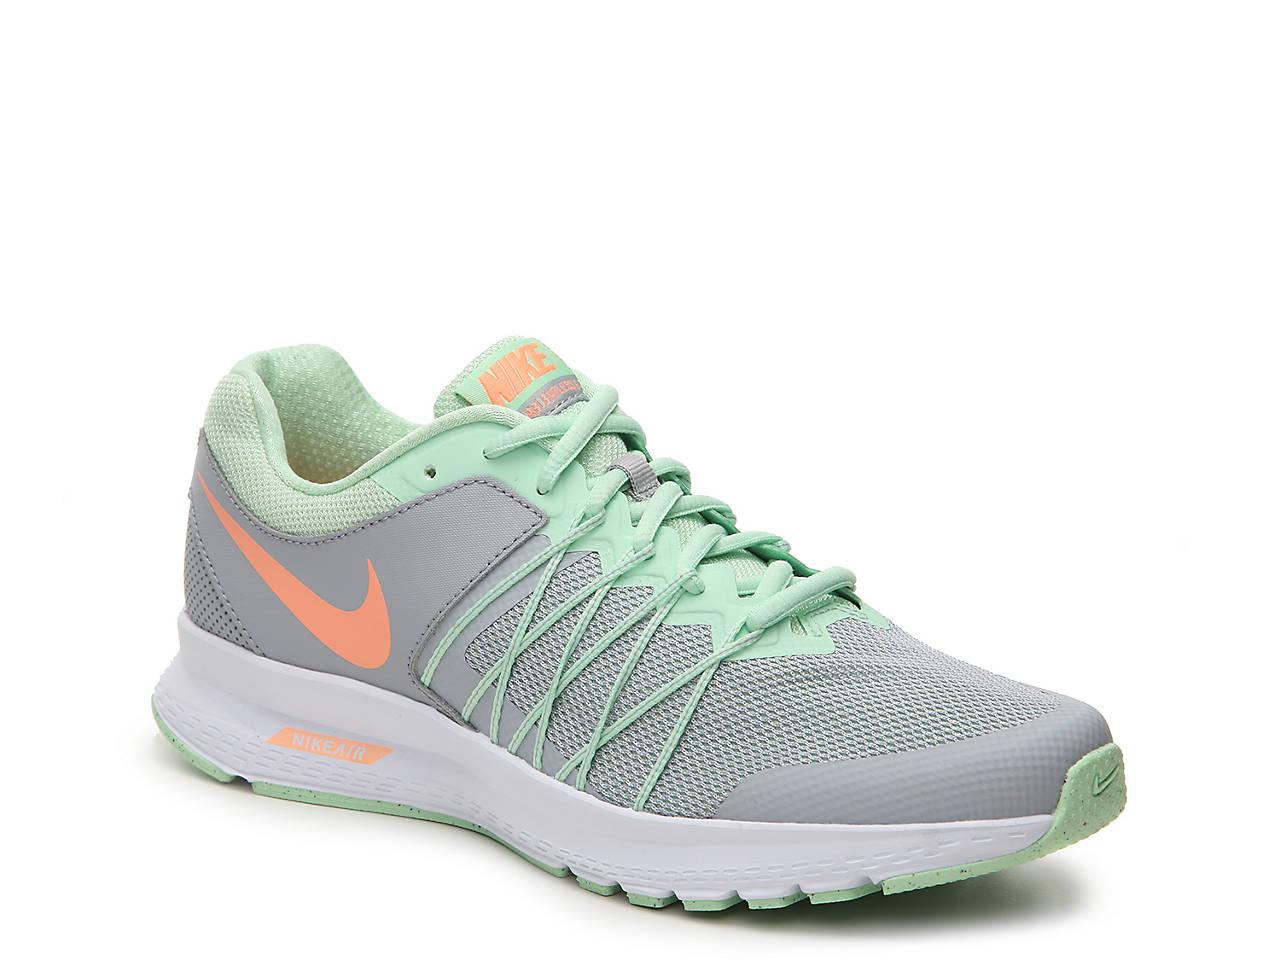 ac77442f6d81 Nike Air Relentless 6 Lightweight Running Shoe - Women s Women s ...